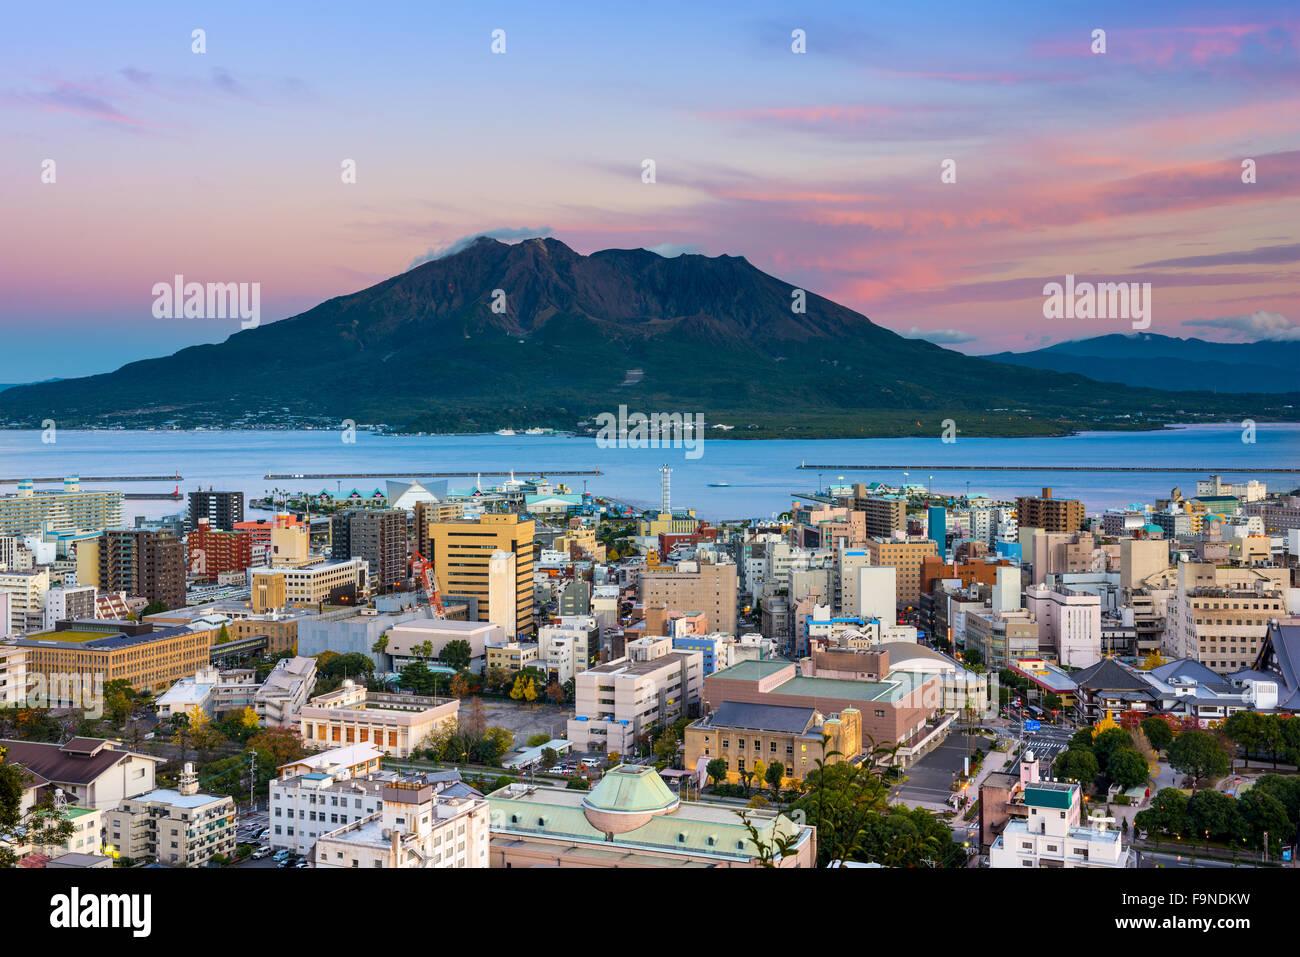 Horizonte de la ciudad de Kagoshima, Japón con volcán Sakurajima. Imagen De Stock